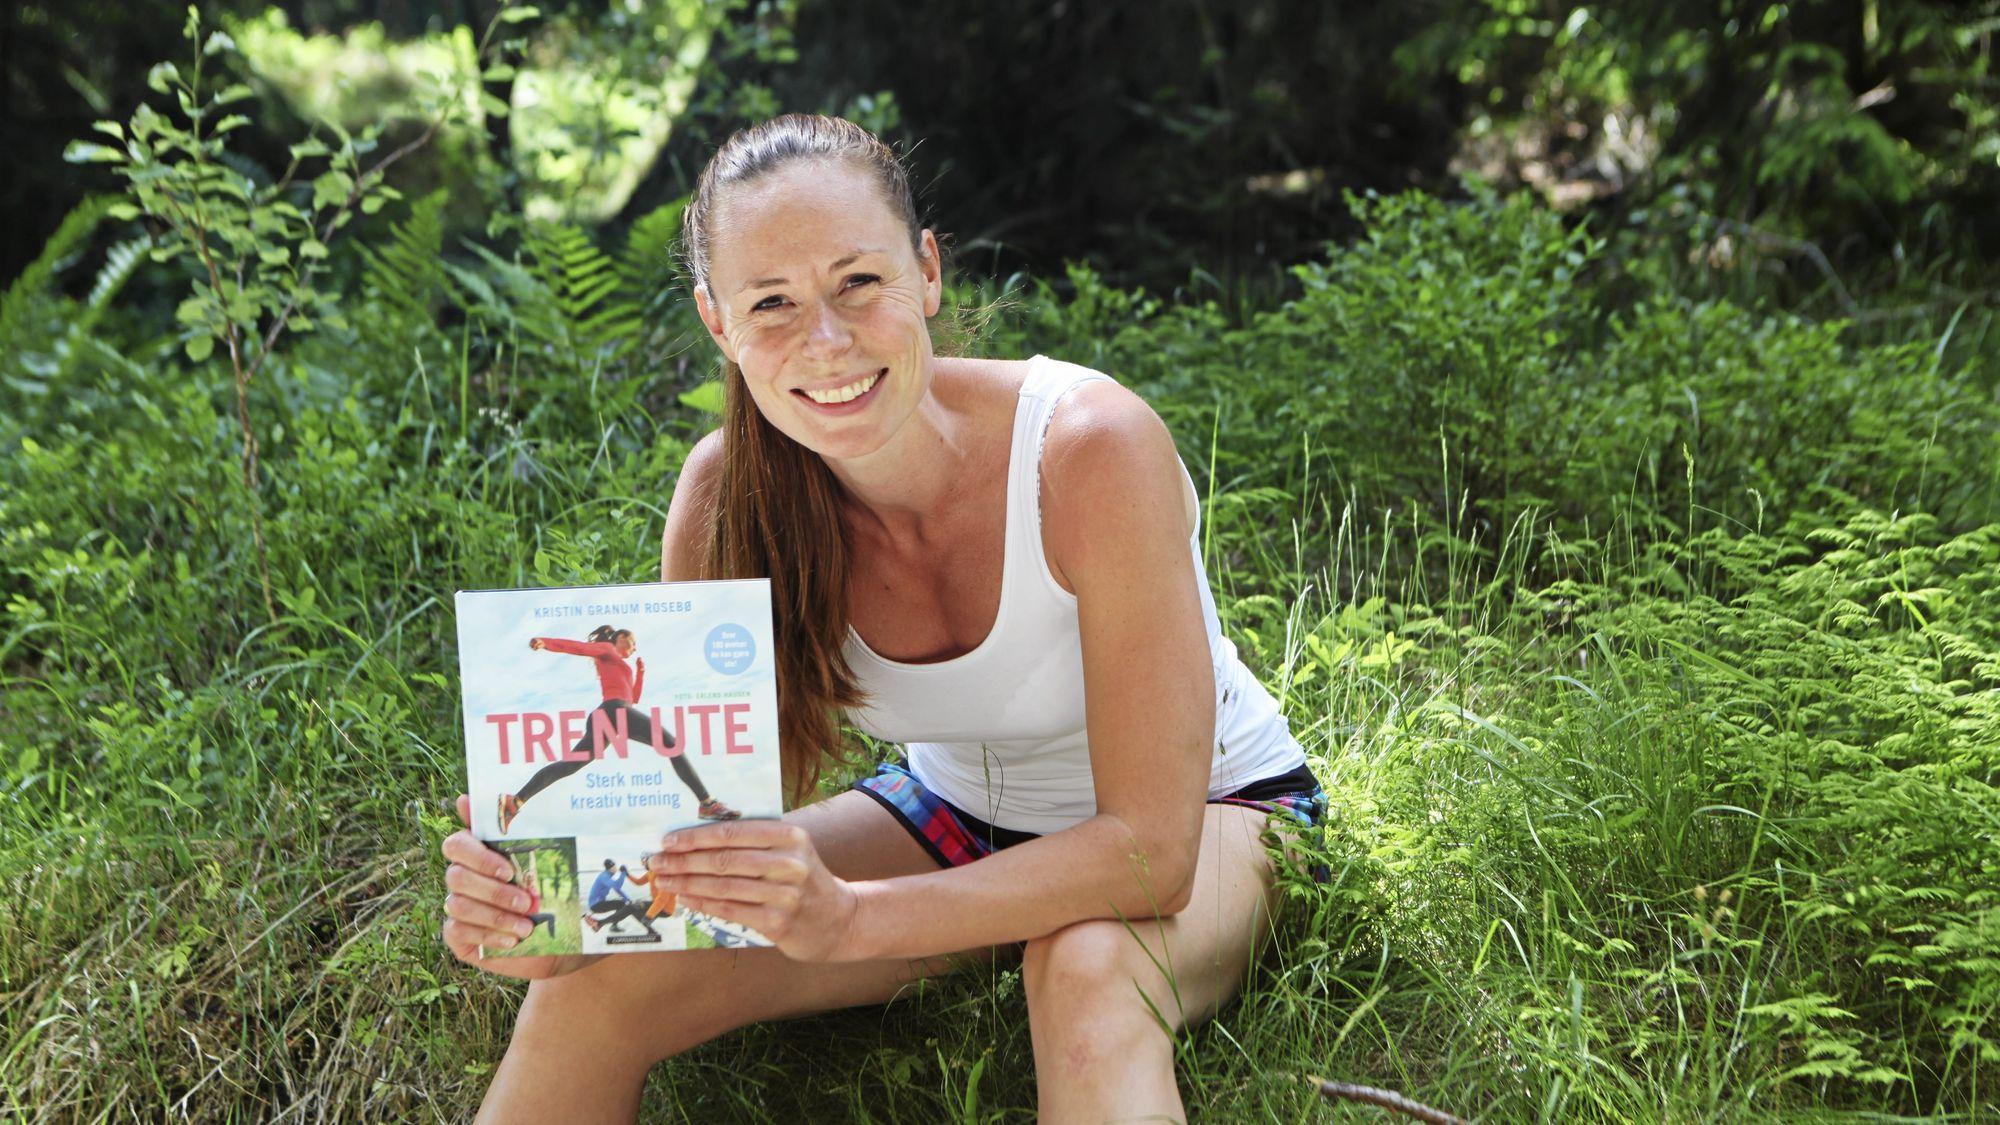 MER I BOKEN: Hvem sier at trening må være innendørs i en svett treningssal? Kristin Granum Rosebø er ekspert på utetrening, og deler sine tips med deg her og på oavis.no. Slik får du garantert en sprekere høst